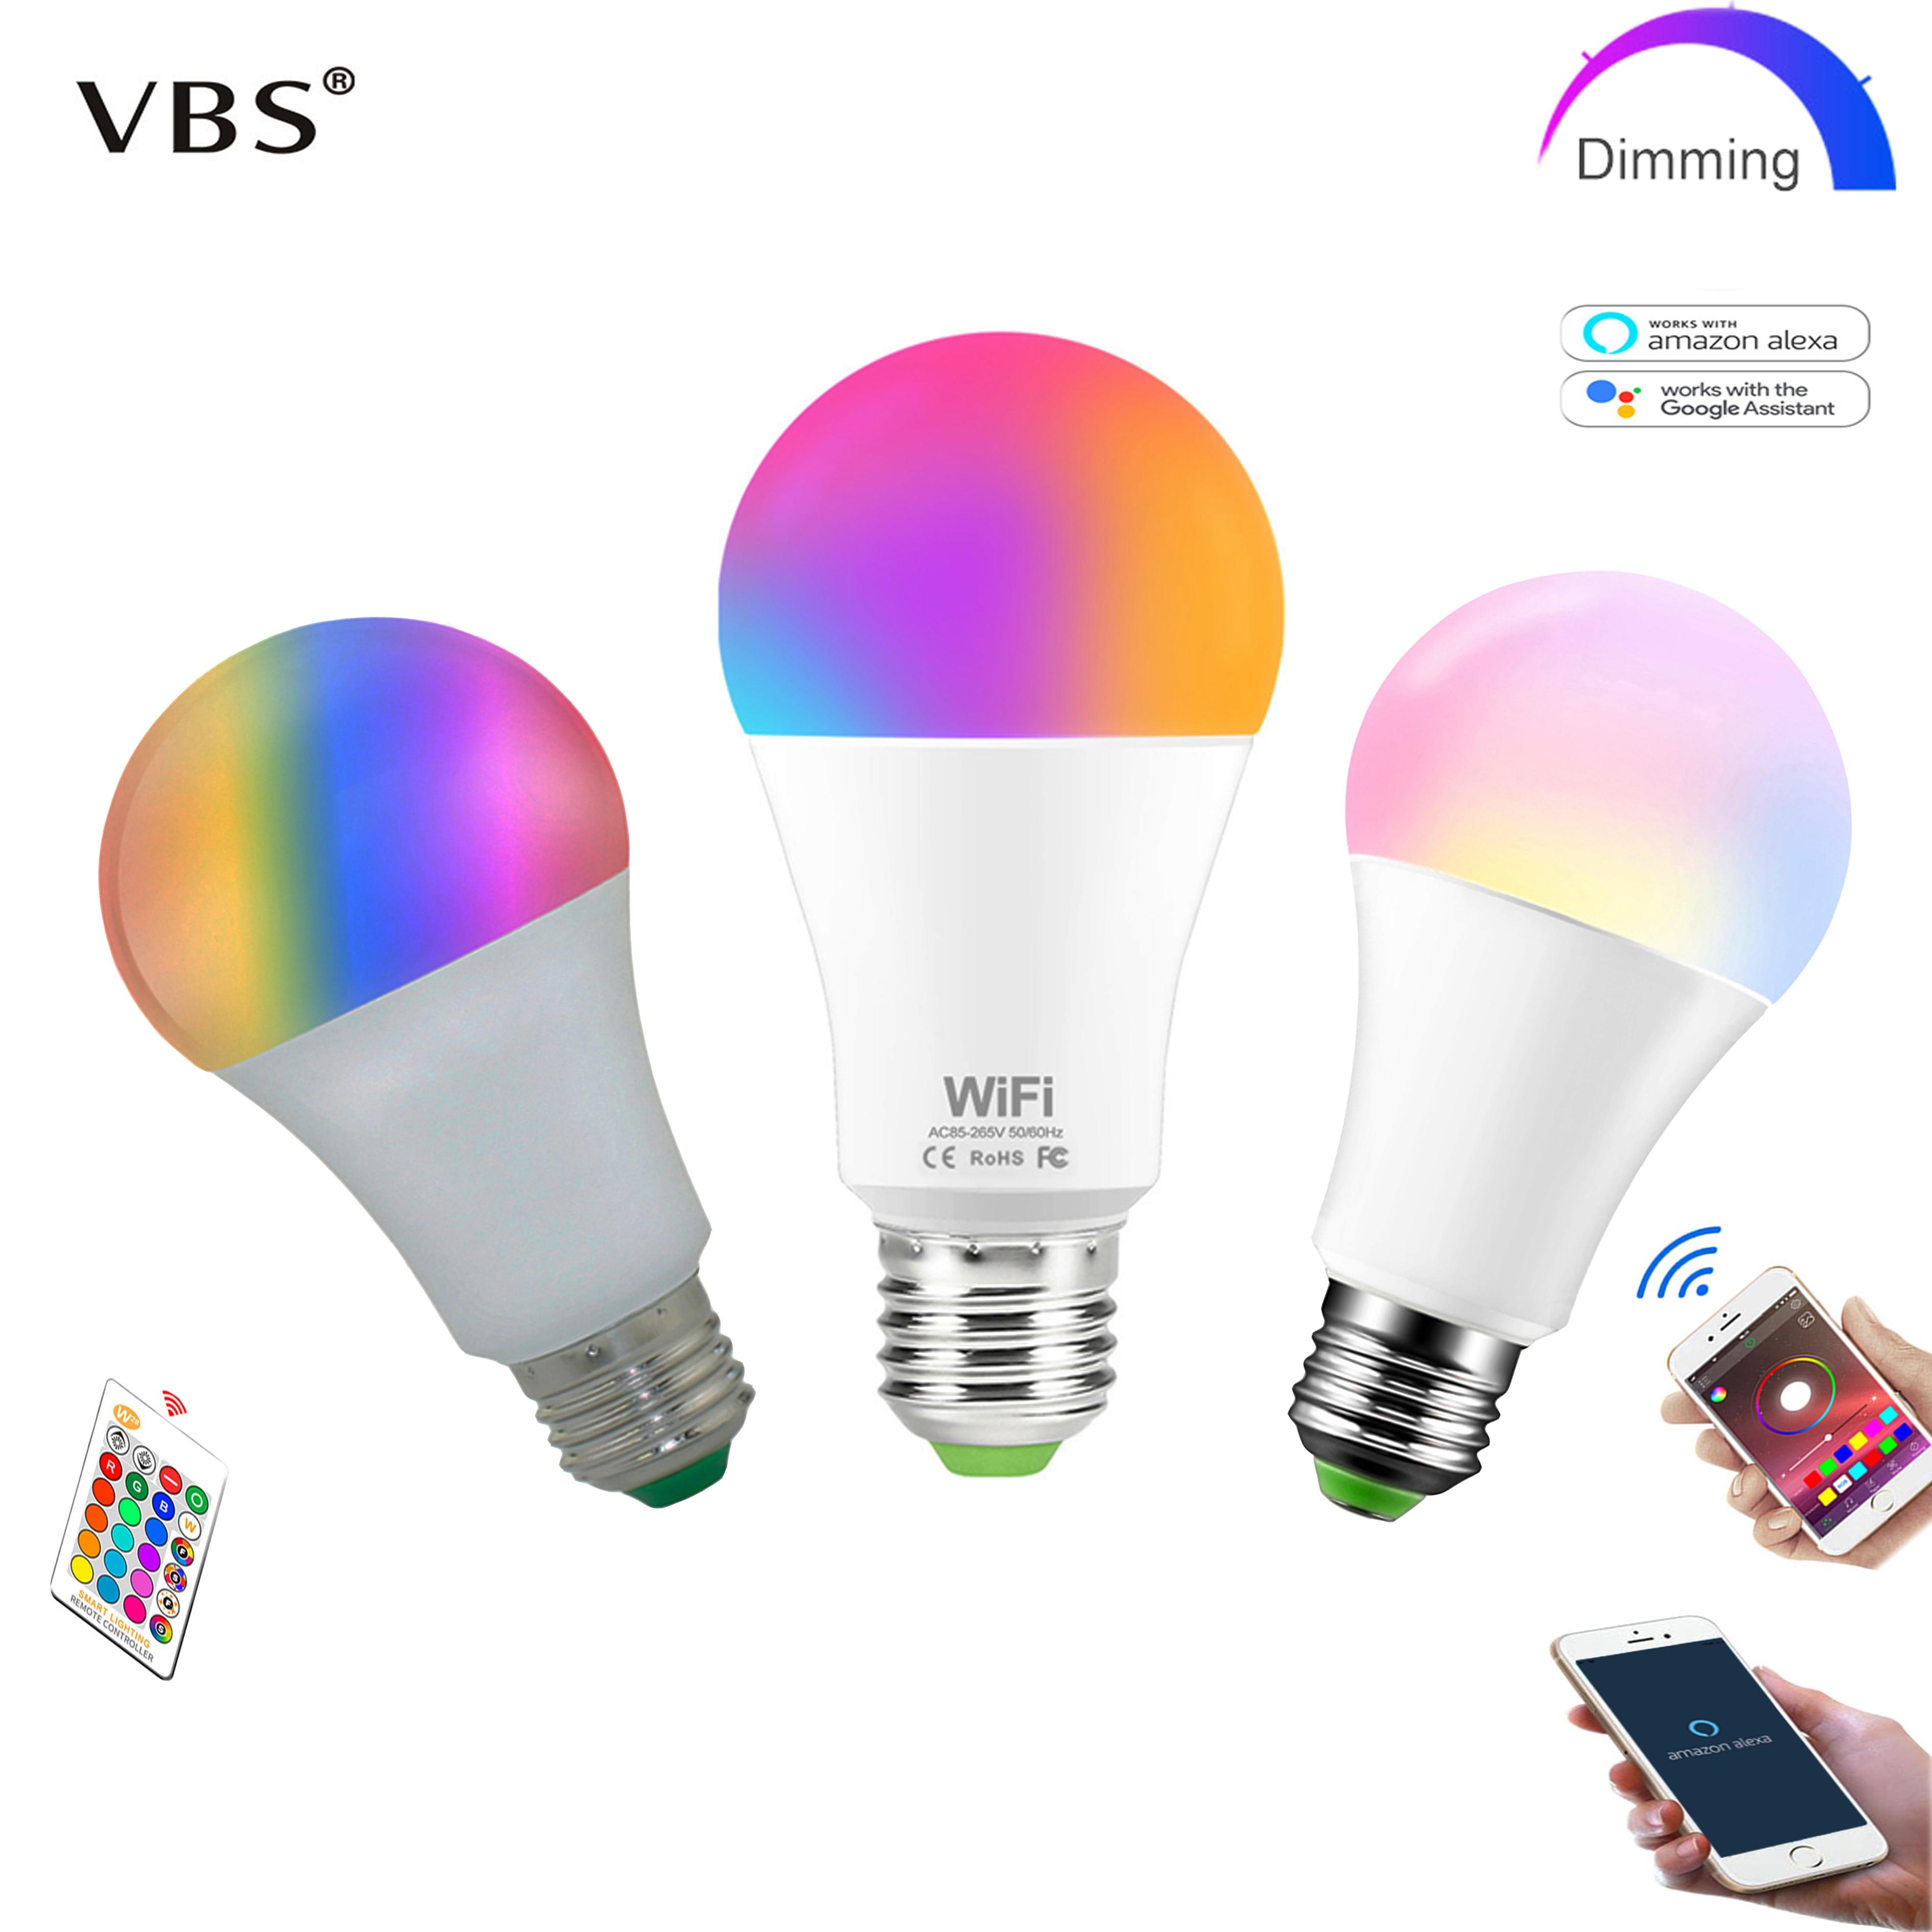 С регулируемой яркостью E27 светодиодный светильник RGB 15 Вт WI-FI смарт-лампа Bluetooth APP Управление 5W 10W ИК-пульт дистанционного управления Управле...